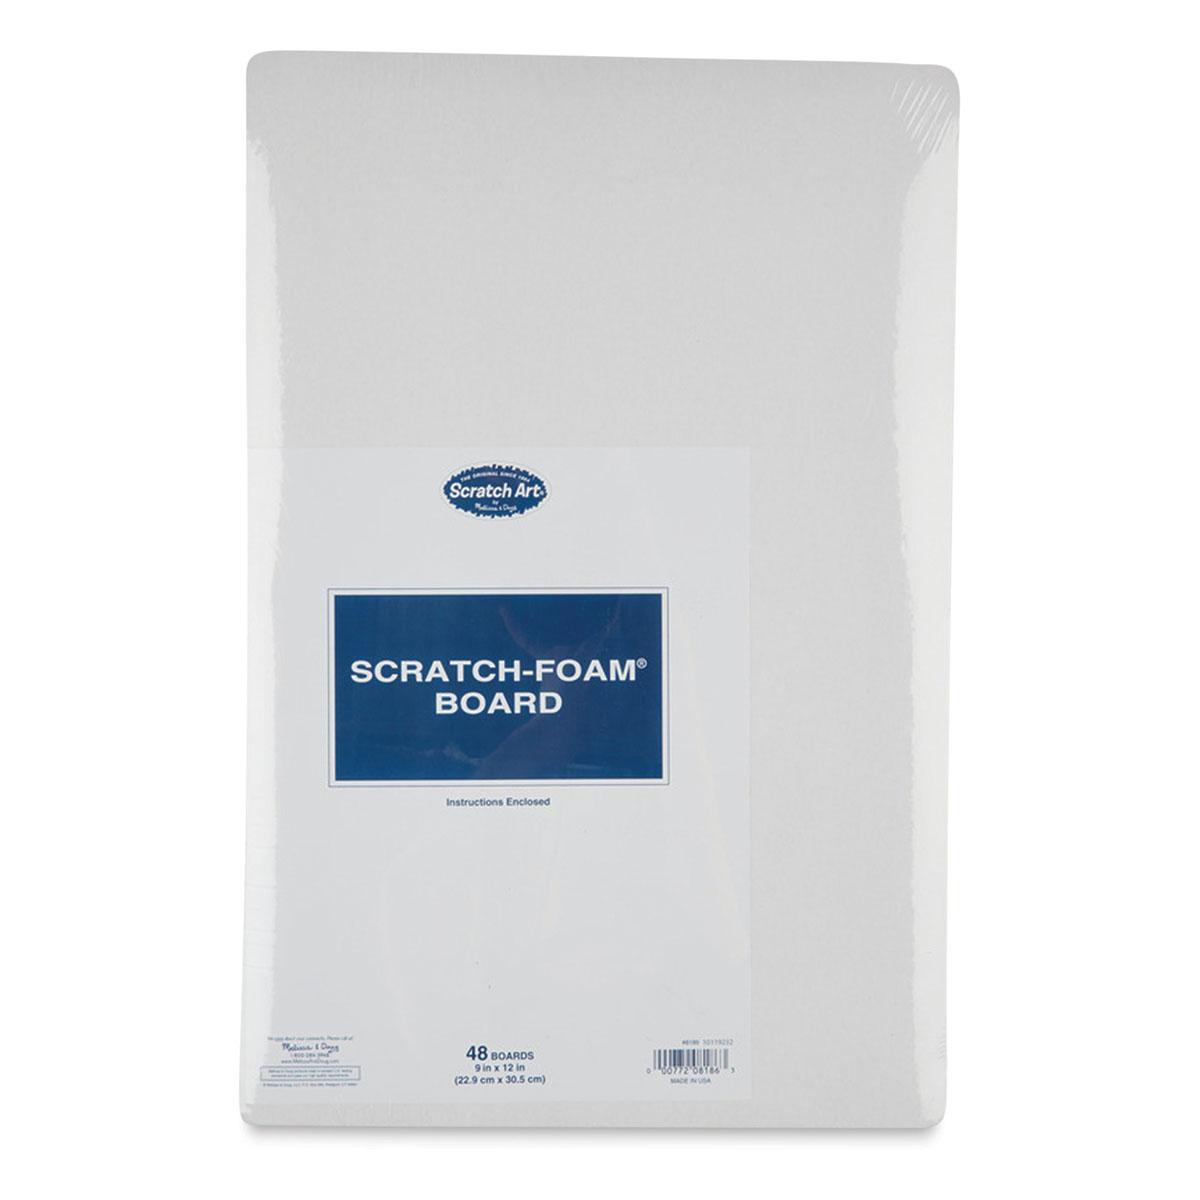 Scratch-Art Scratch-Foam Board Pack - 9 x 12, Pkg of 48